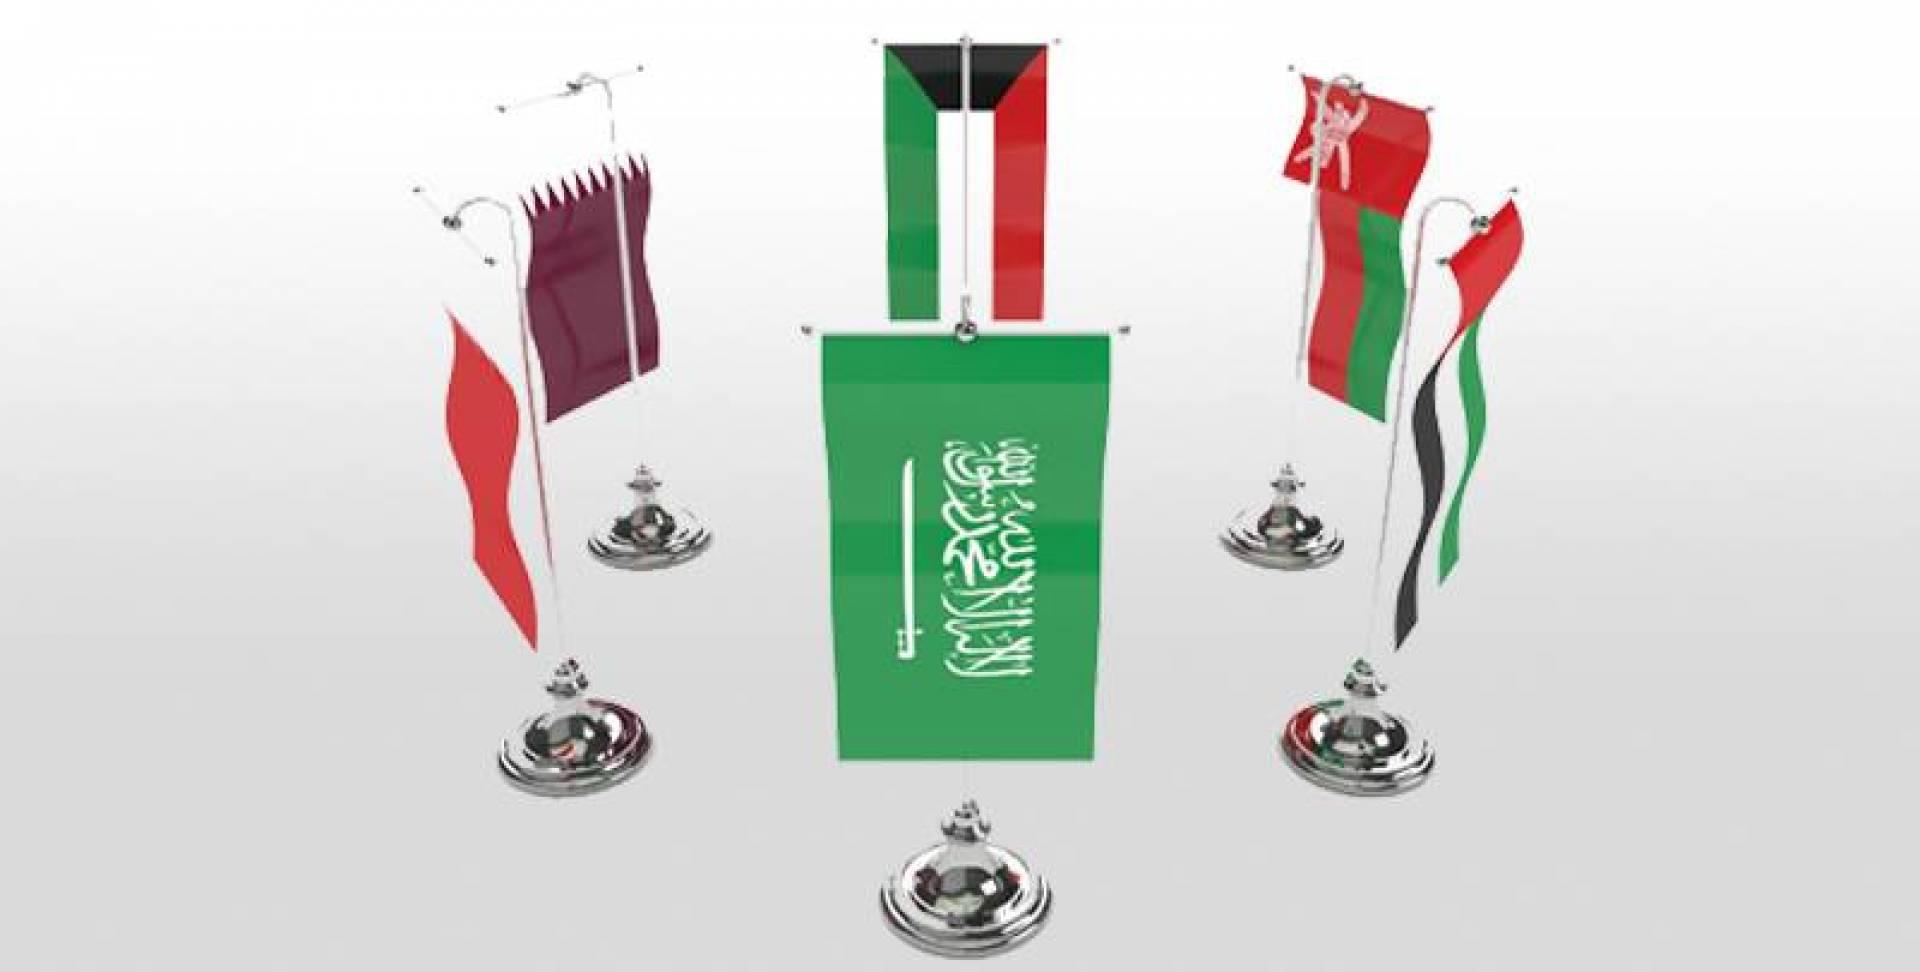 لم الشمل الخليجي بانتظار «رؤية مشتركة»